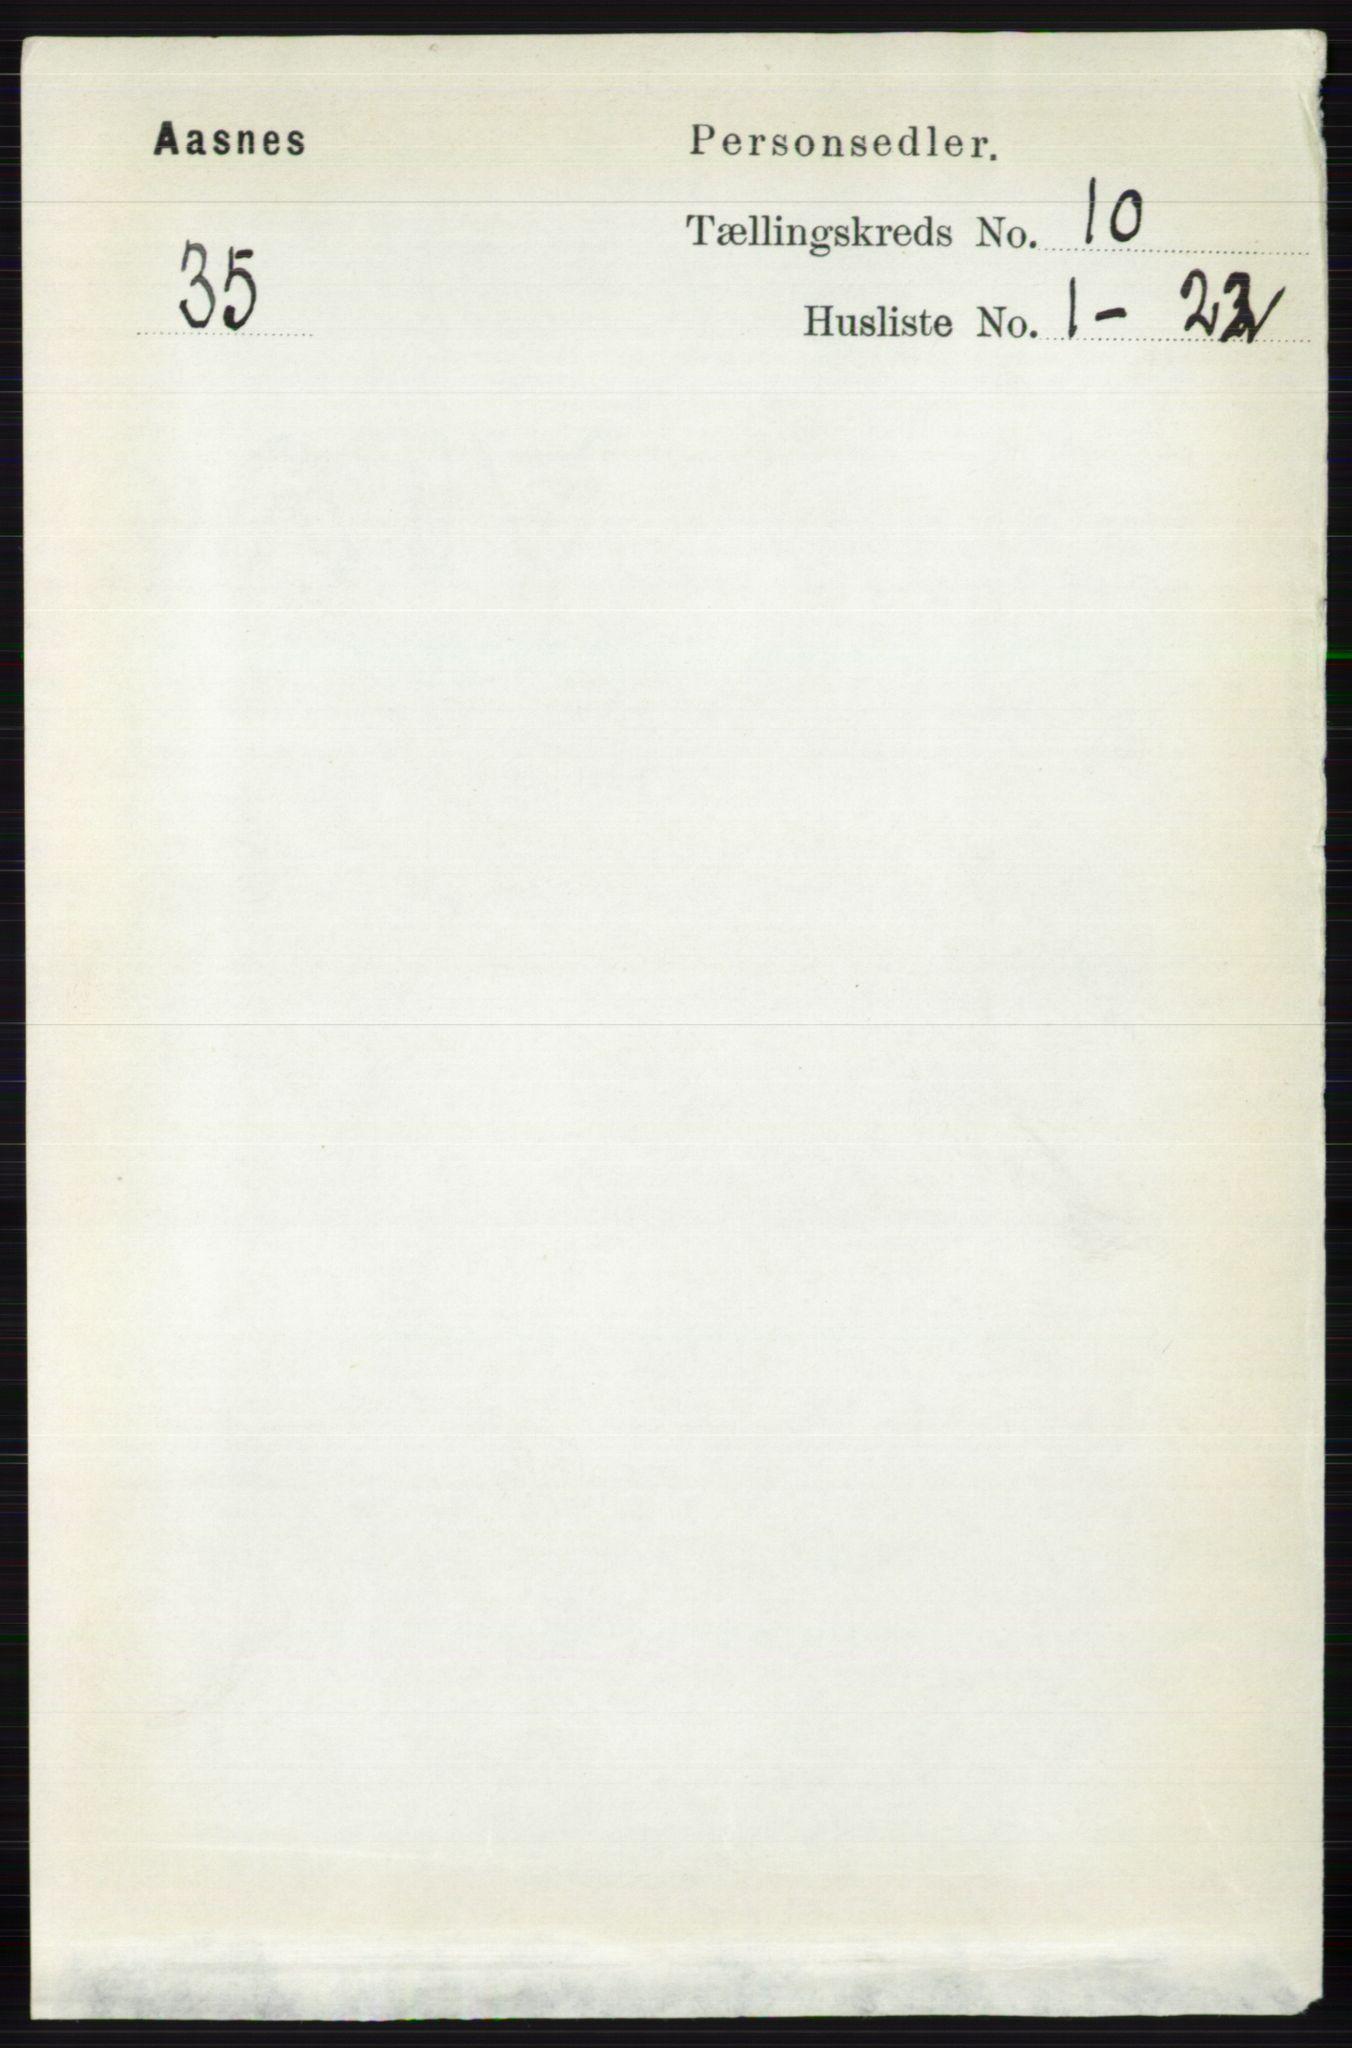 RA, Folketelling 1891 for 0425 Åsnes herred, 1891, s. 5029